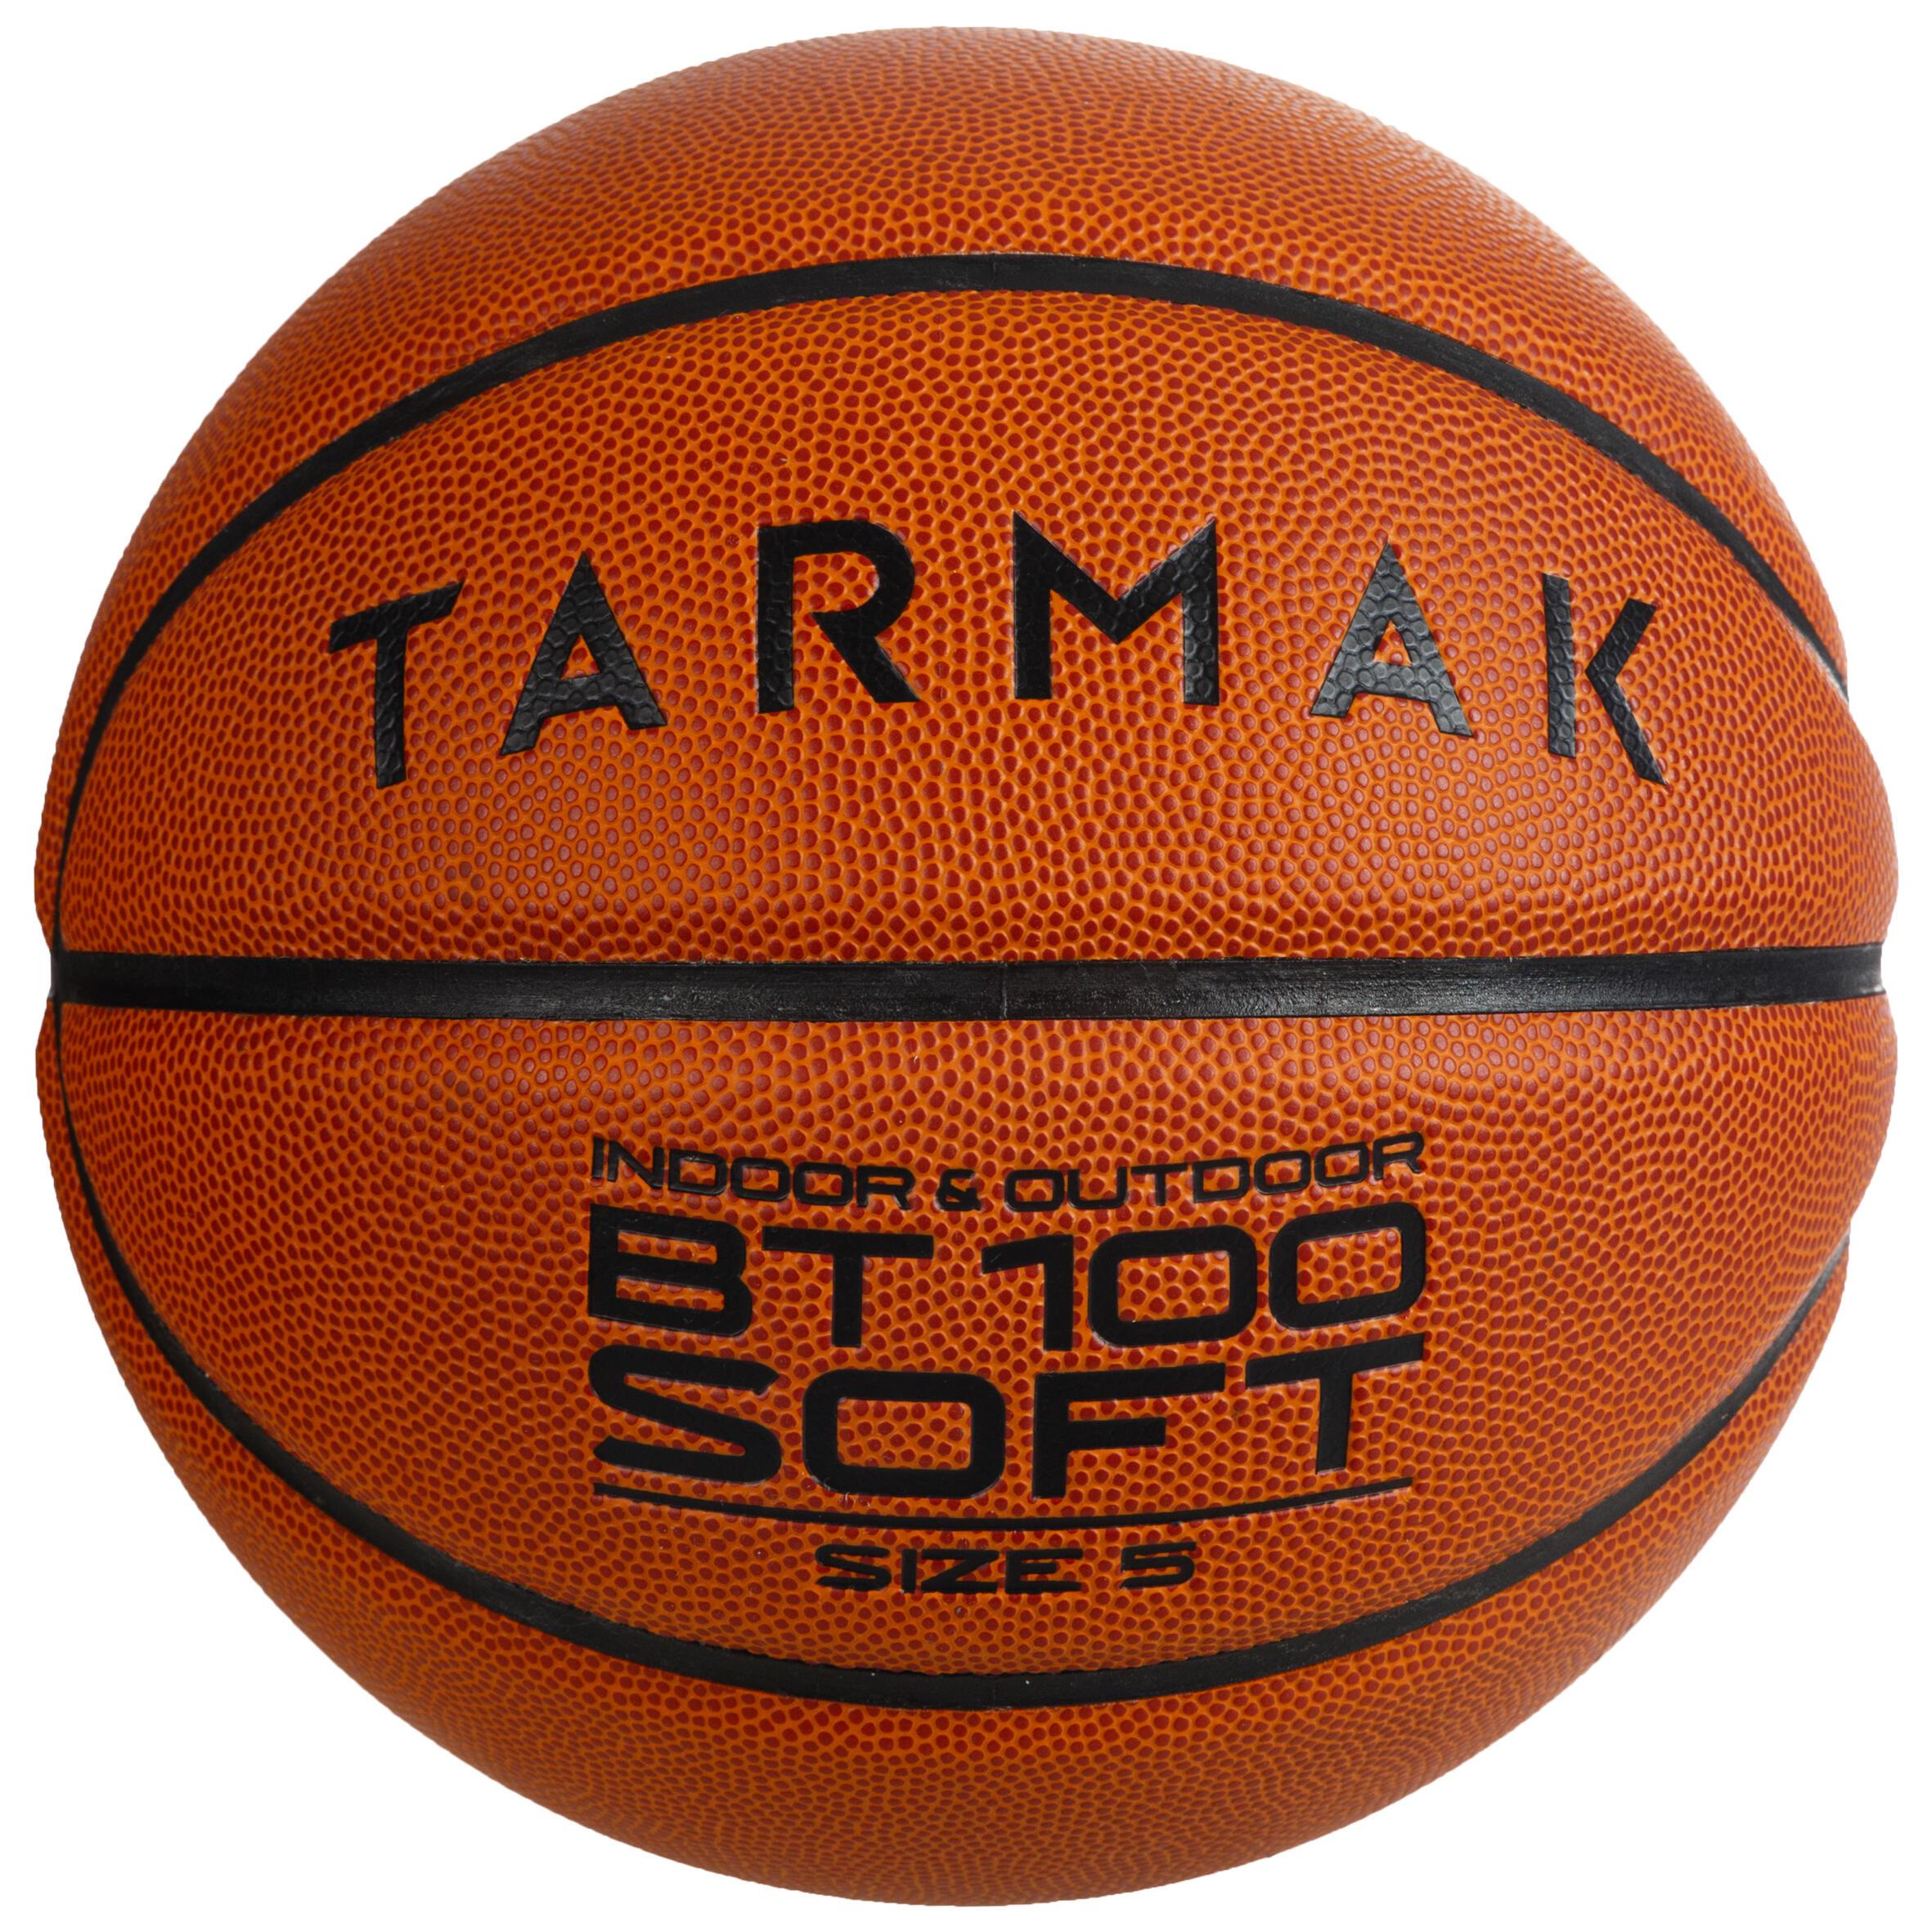 Basketball Bt100 Größe 5 Kinder Bis 10 Jahre Einsteiger Orange Tarmak Decathlon